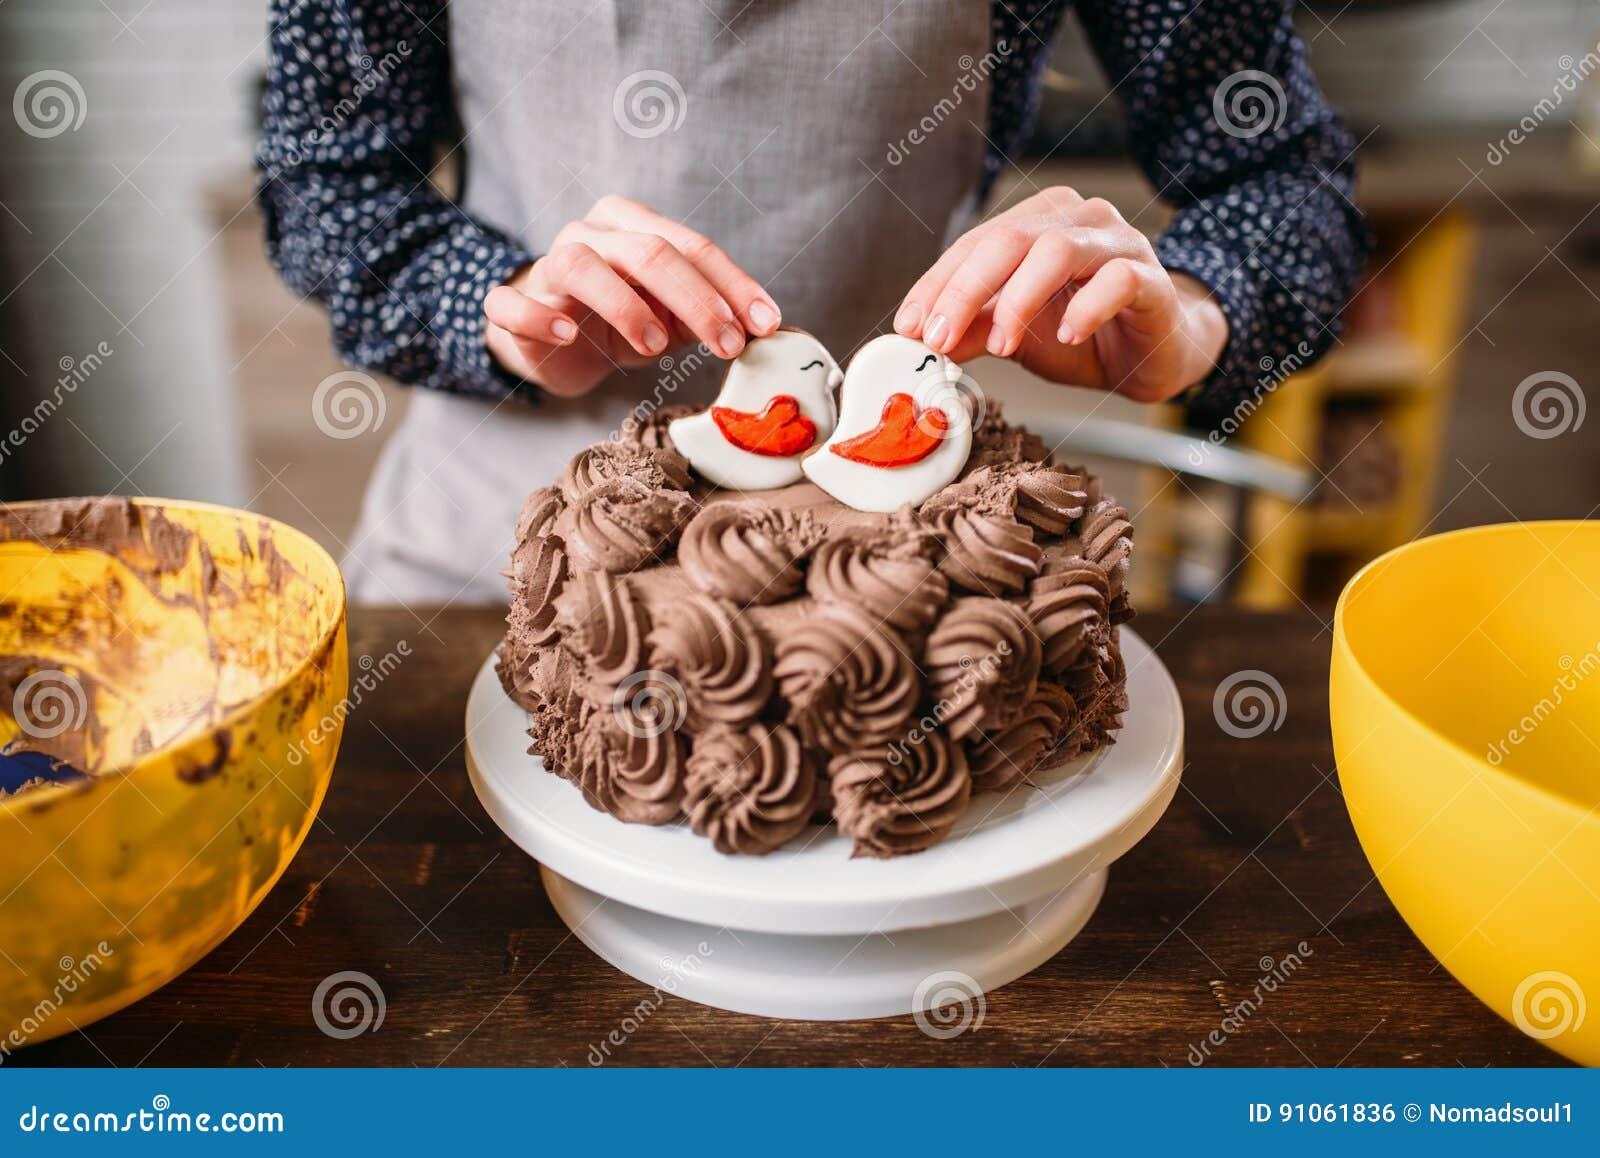 Decoratie van chocoladecake met koekjes in glans